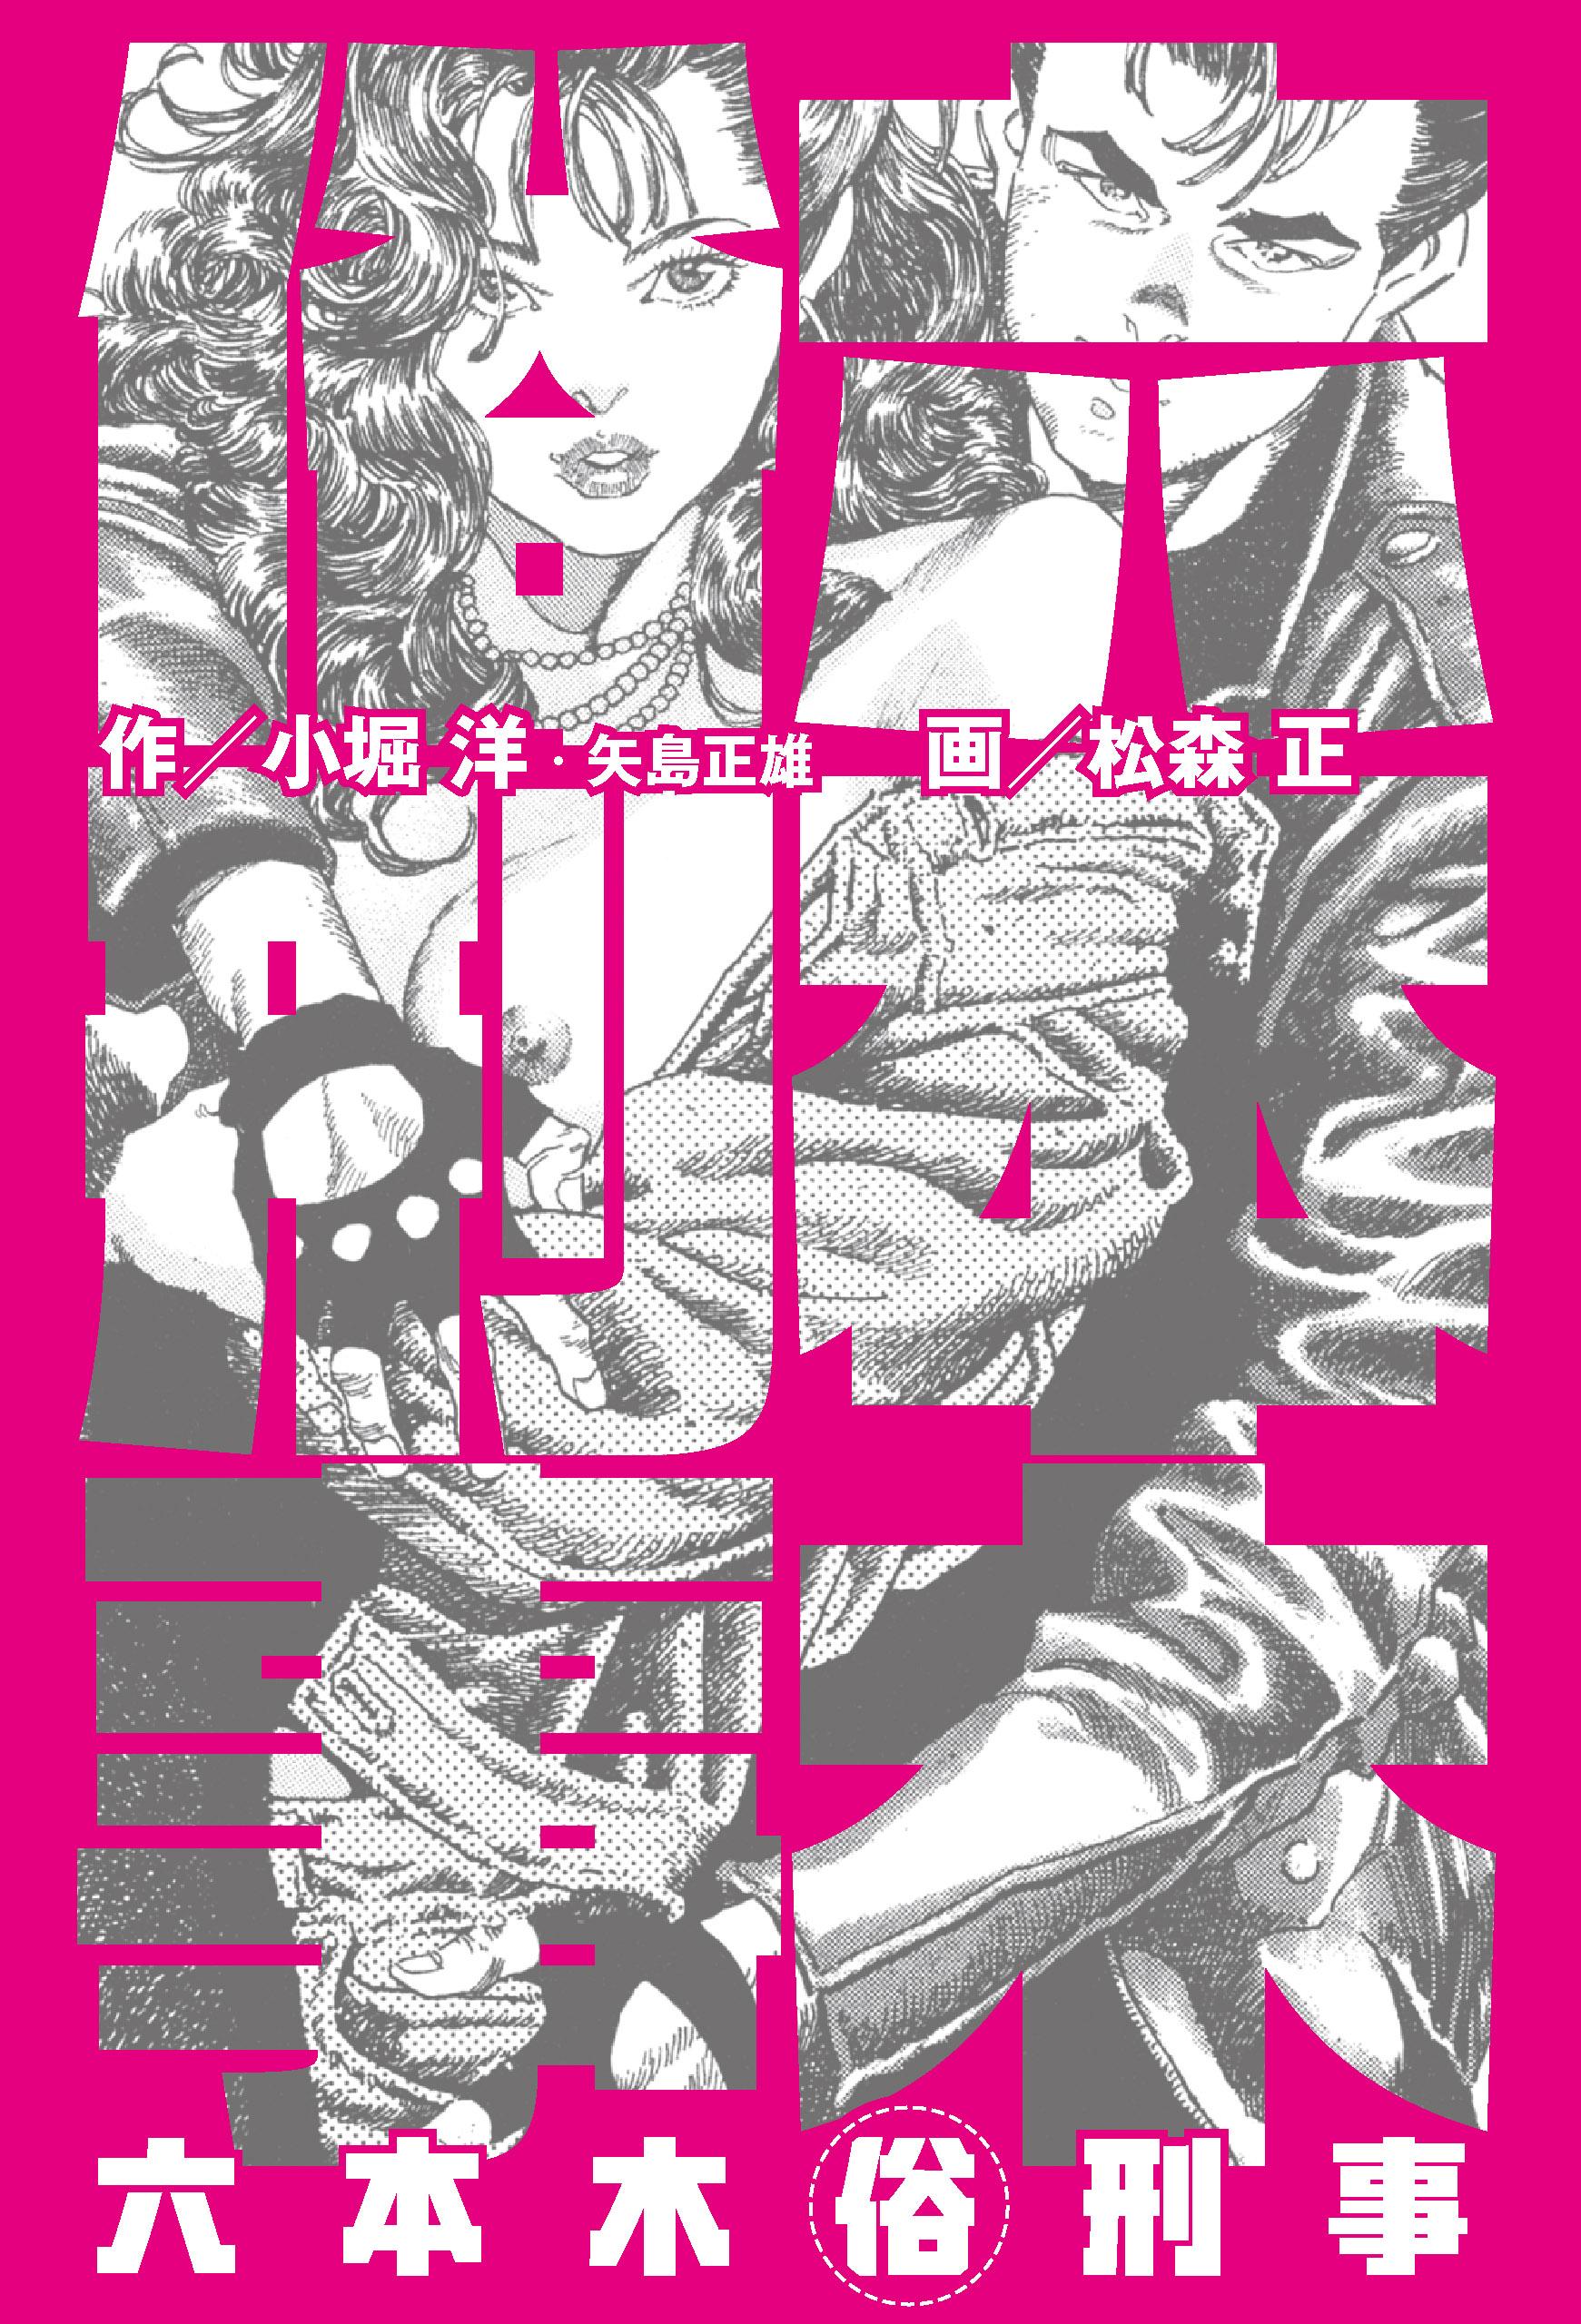 六本木マル俗刑事(第1巻)